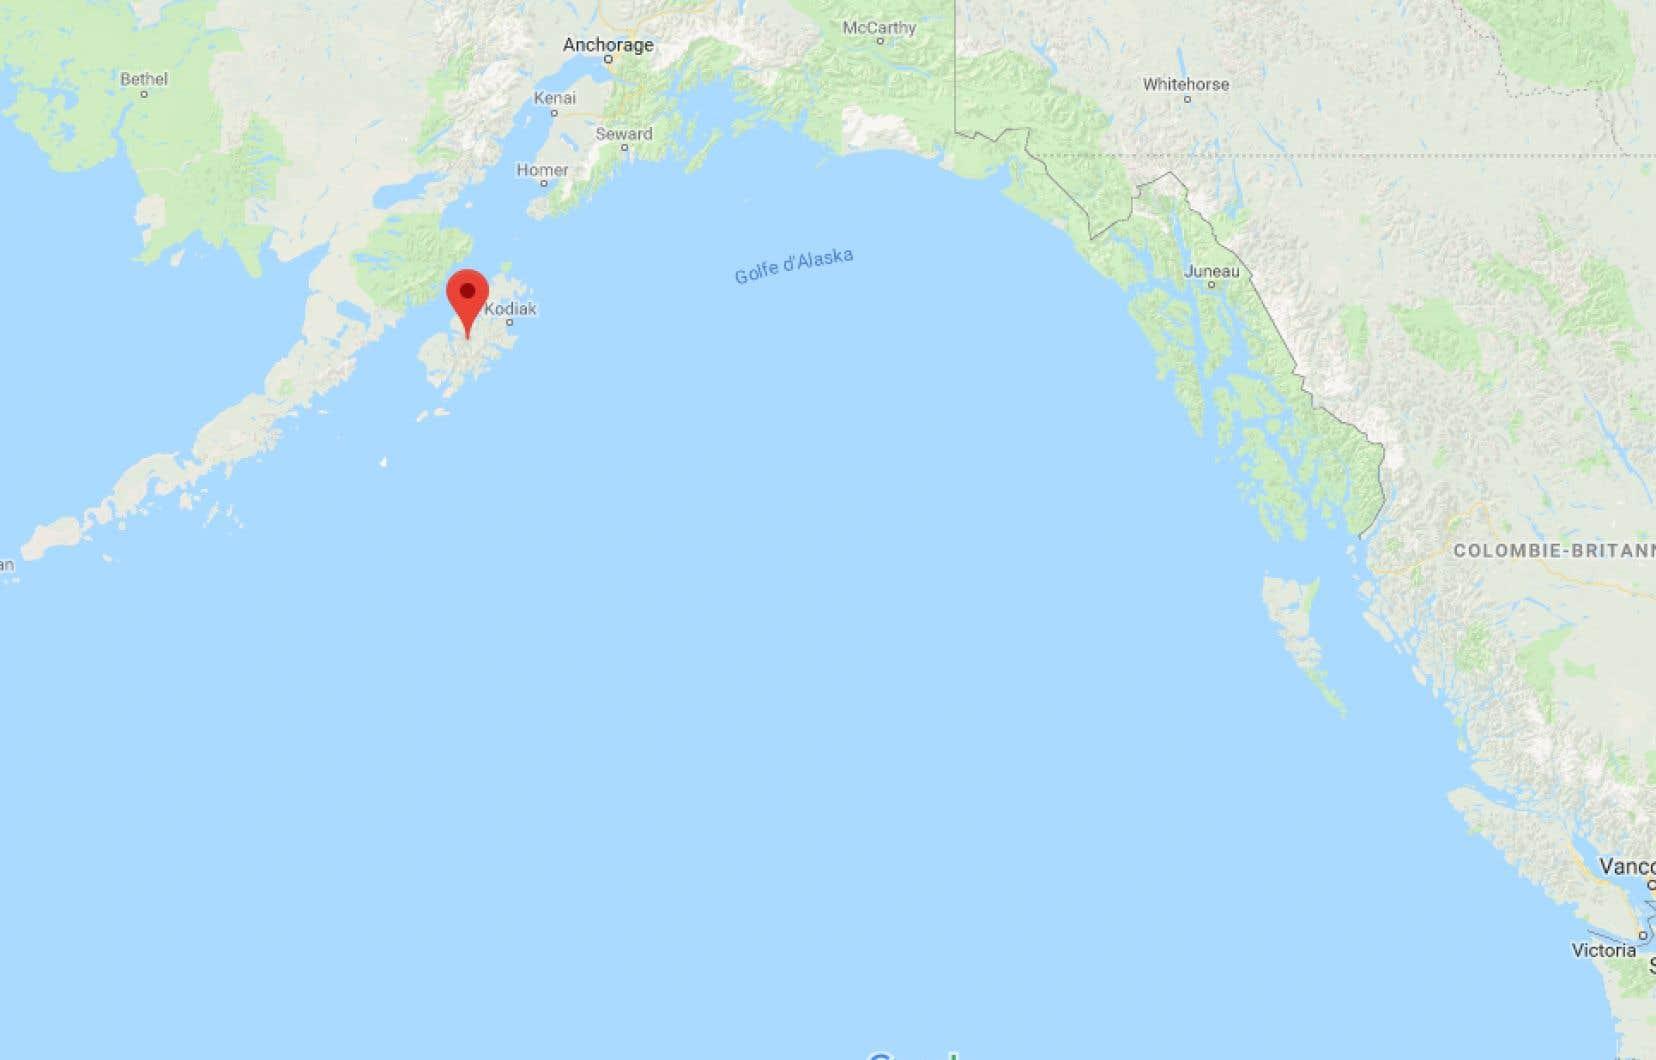 <p>Le tremblement de terre s'est produit au large de l'île Kodiak, en Alaska.</p>